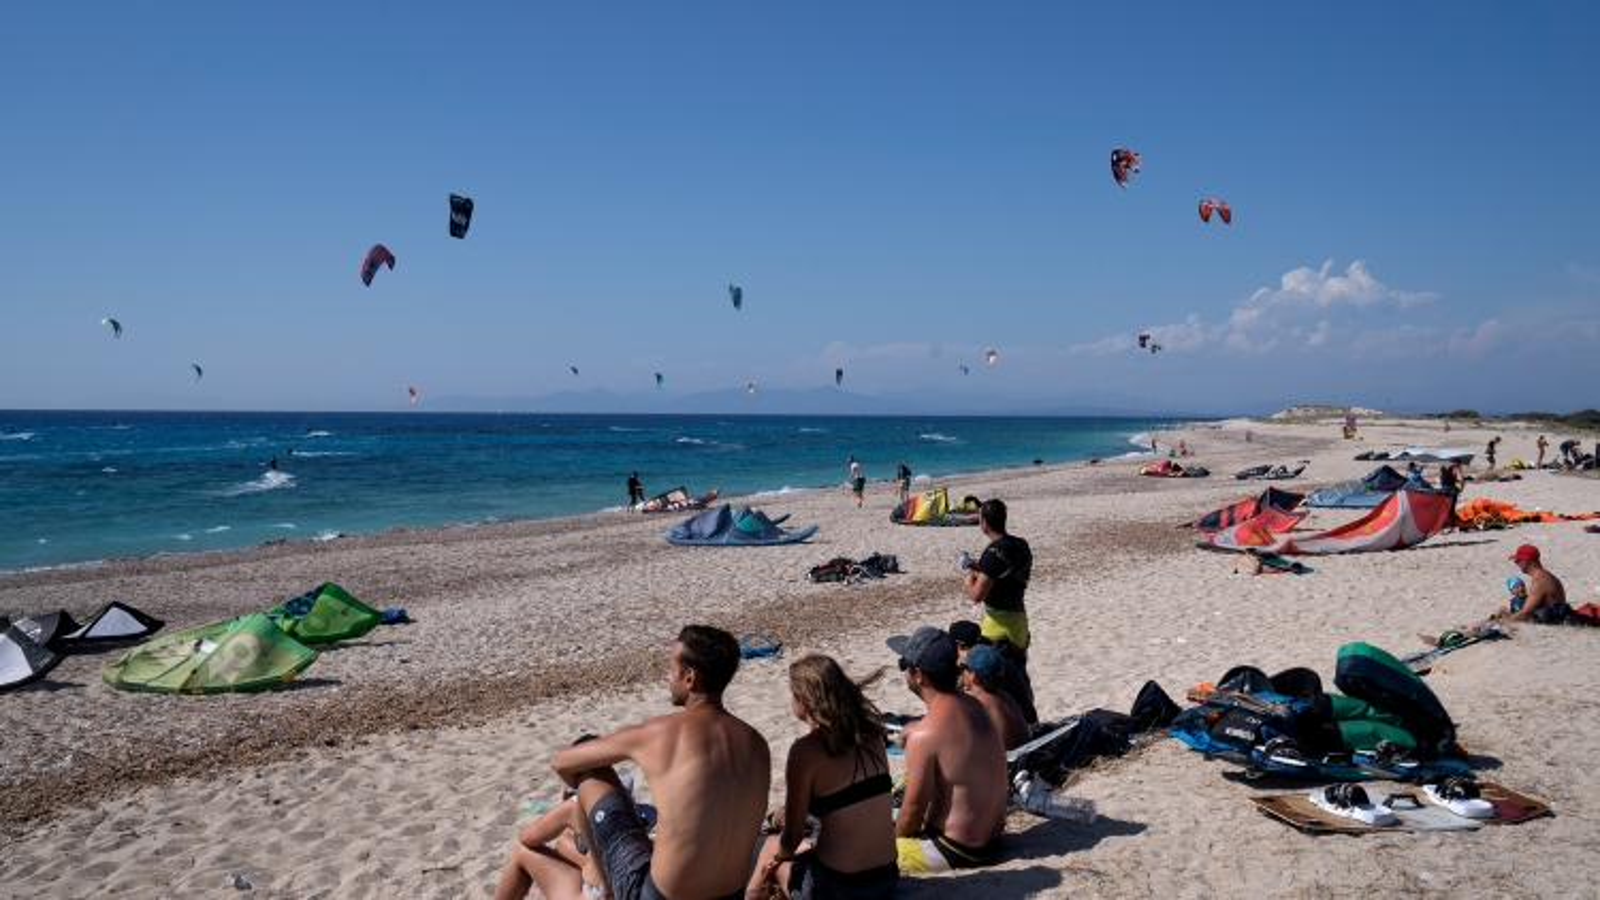 Hy Lạp mong chờ du khách trở lại vào mùa hè